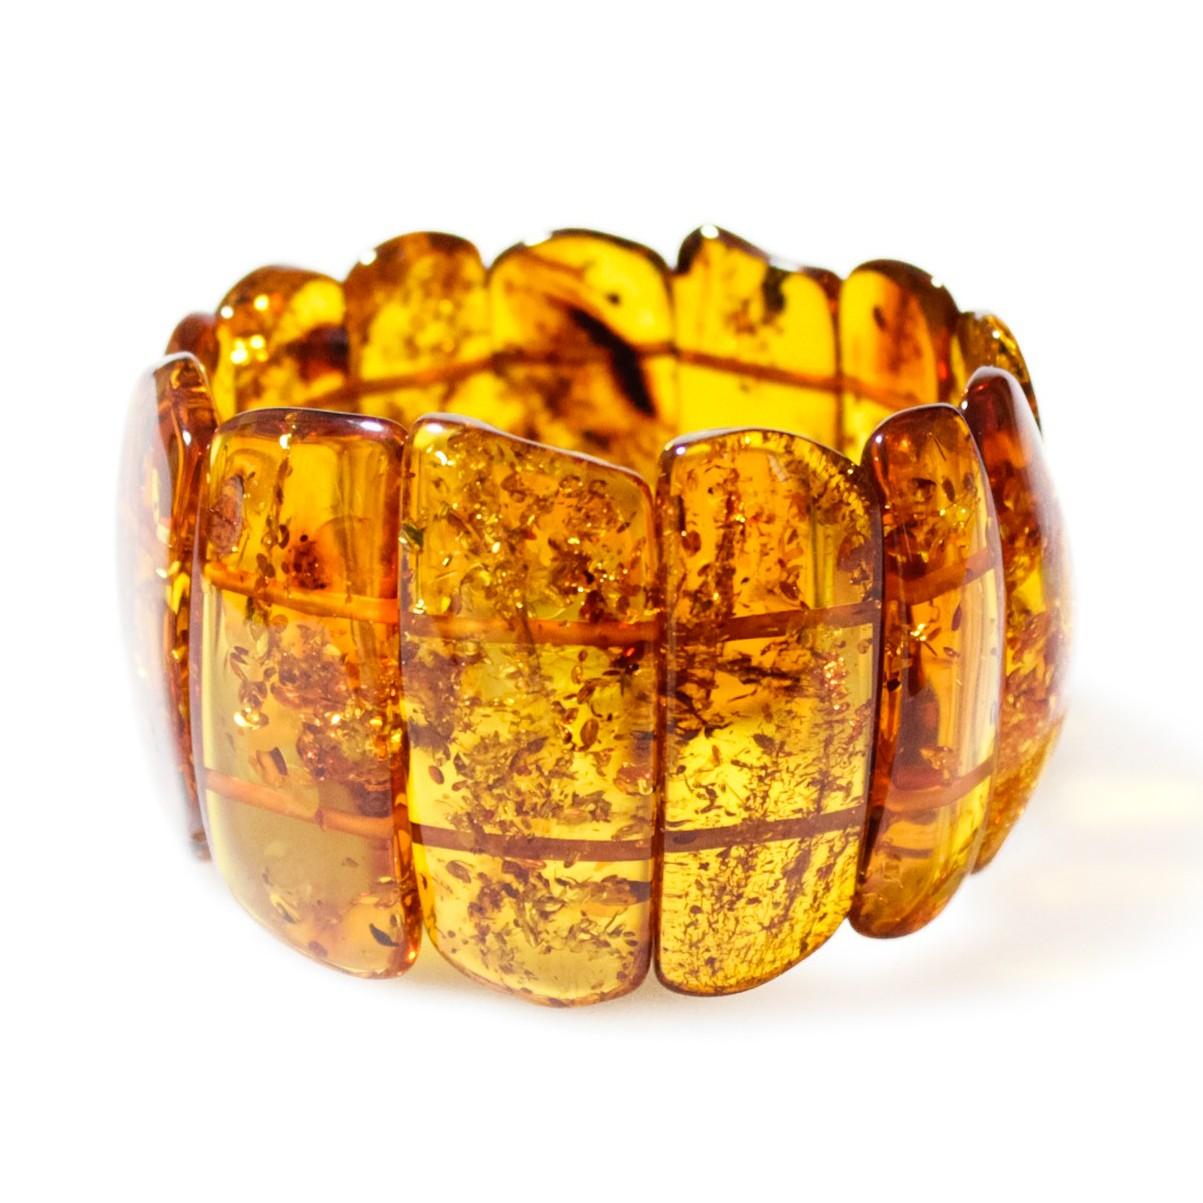 Quels sont les cinq atouts du collier d'ambre ?